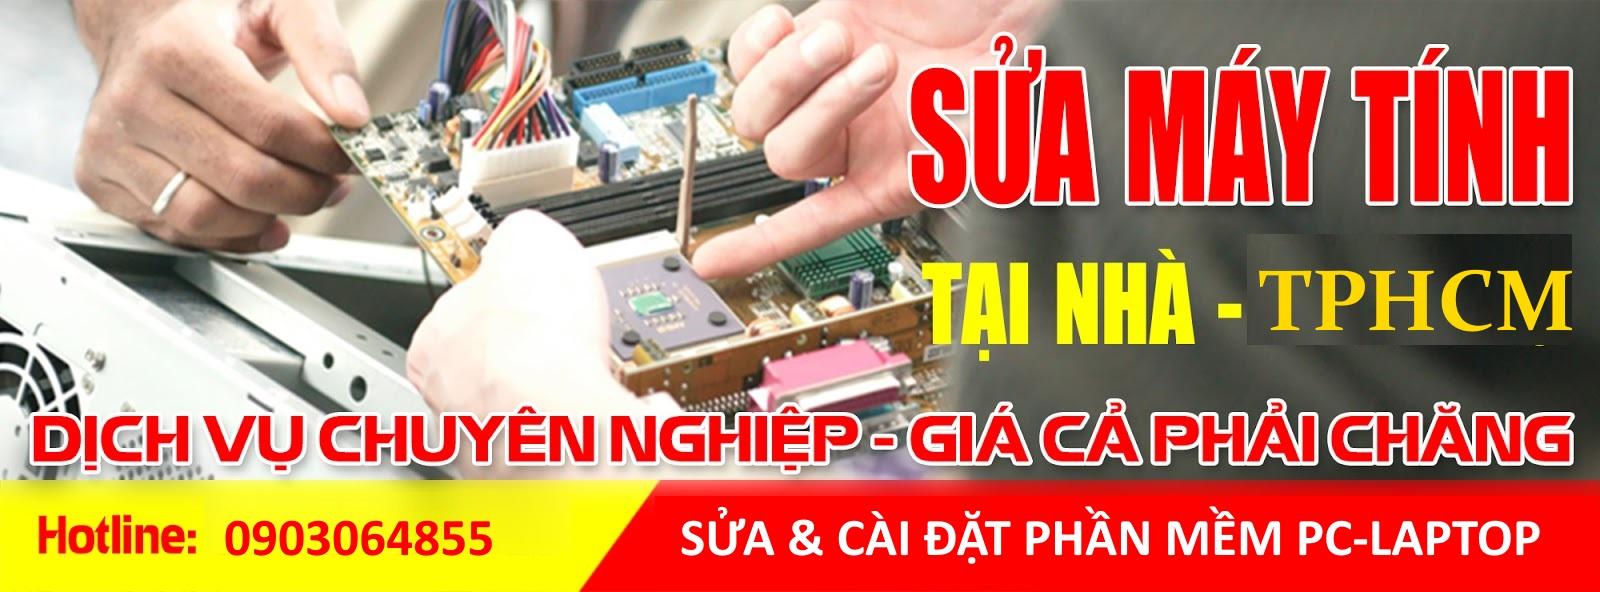 Sửa chữa máy tính tại nhà Tp. HCM